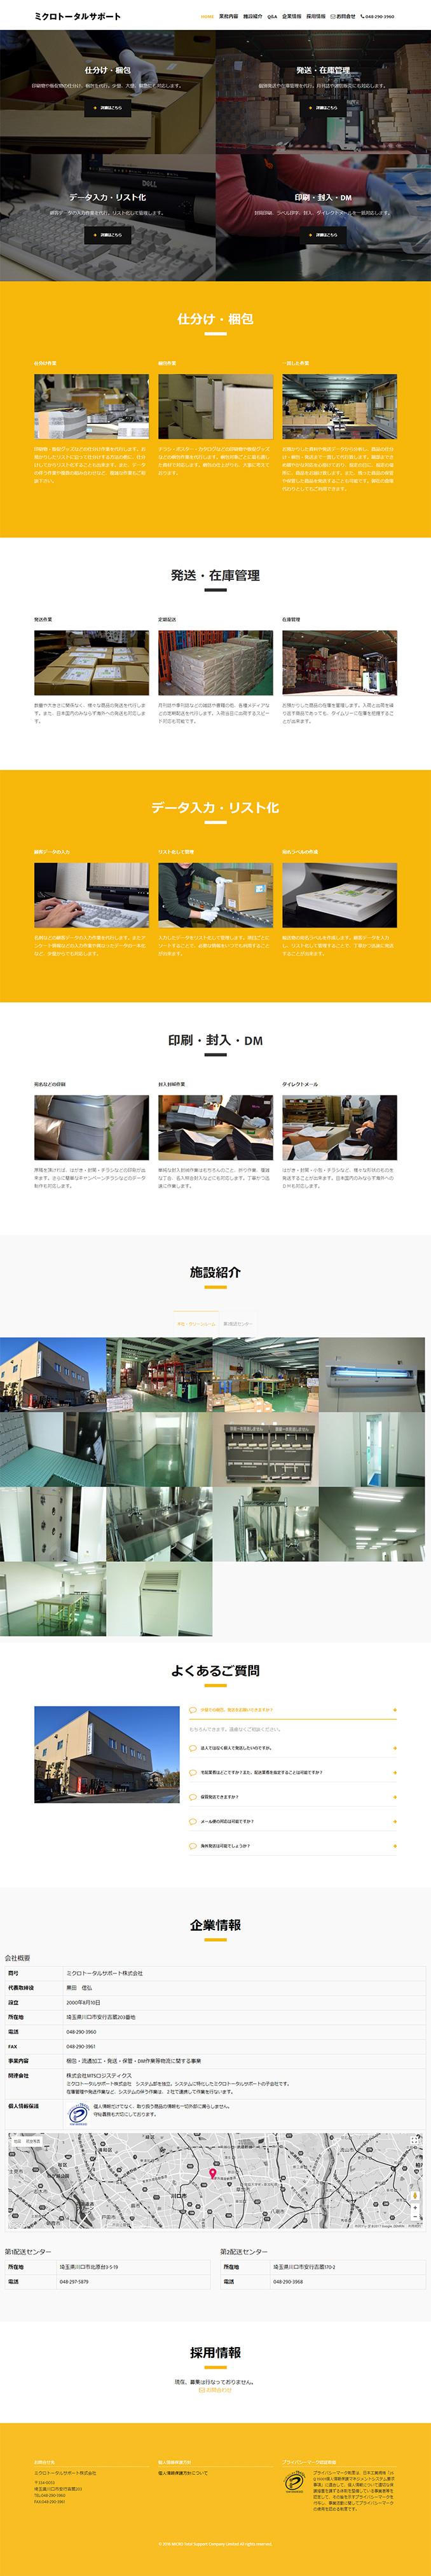 ミクロトータルサポート株式会社PC画像